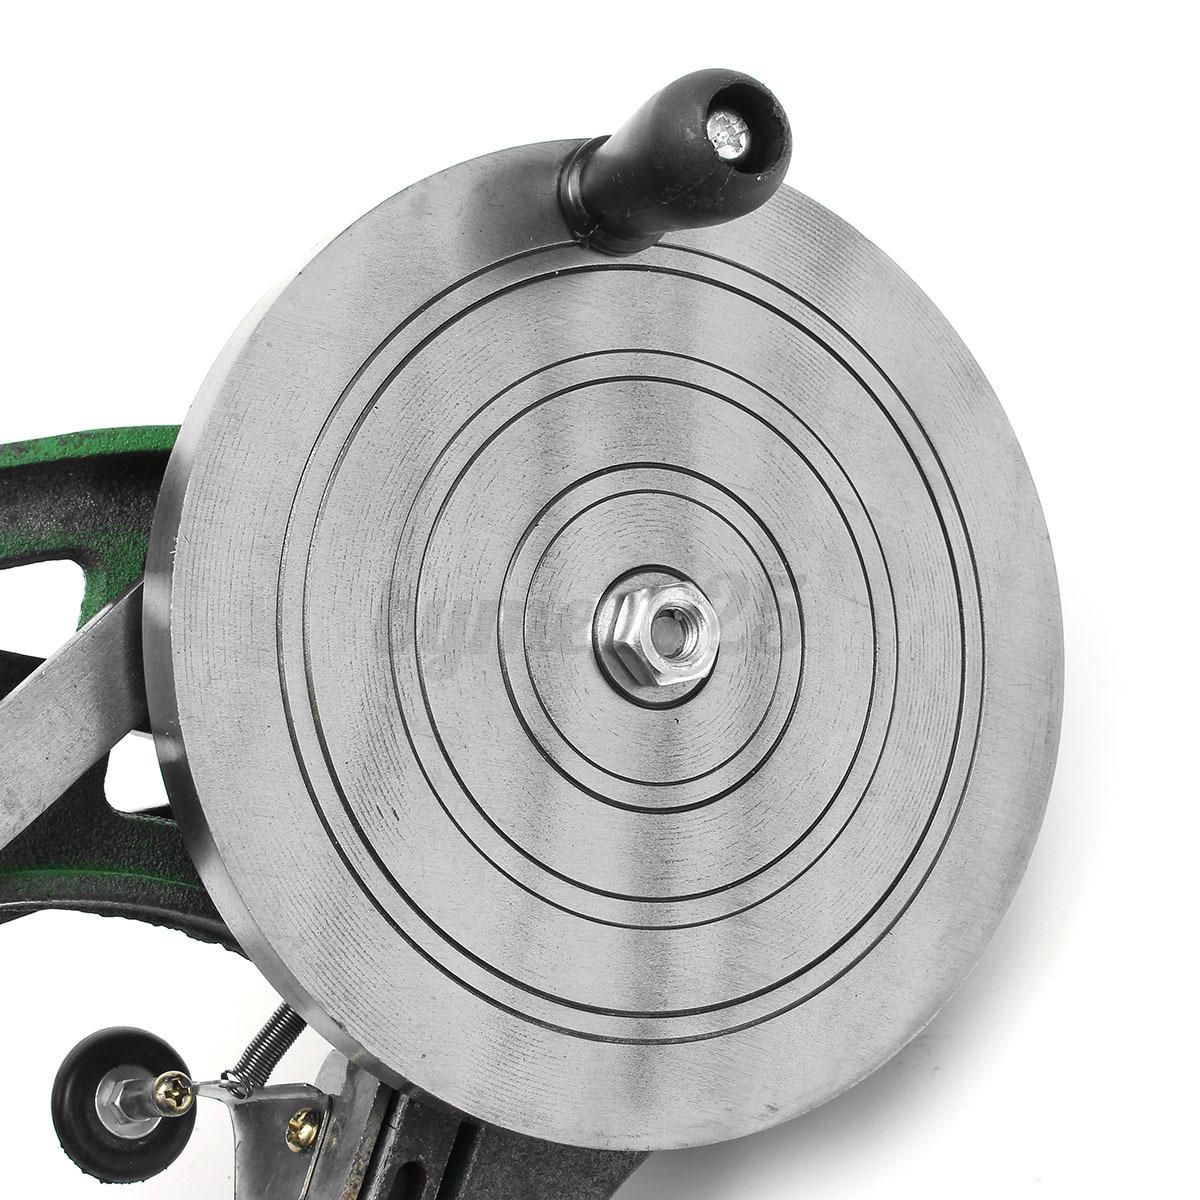 Tolle Reparieren Sie Drahtwickel Fotos - Schaltplan Serie Circuit ...